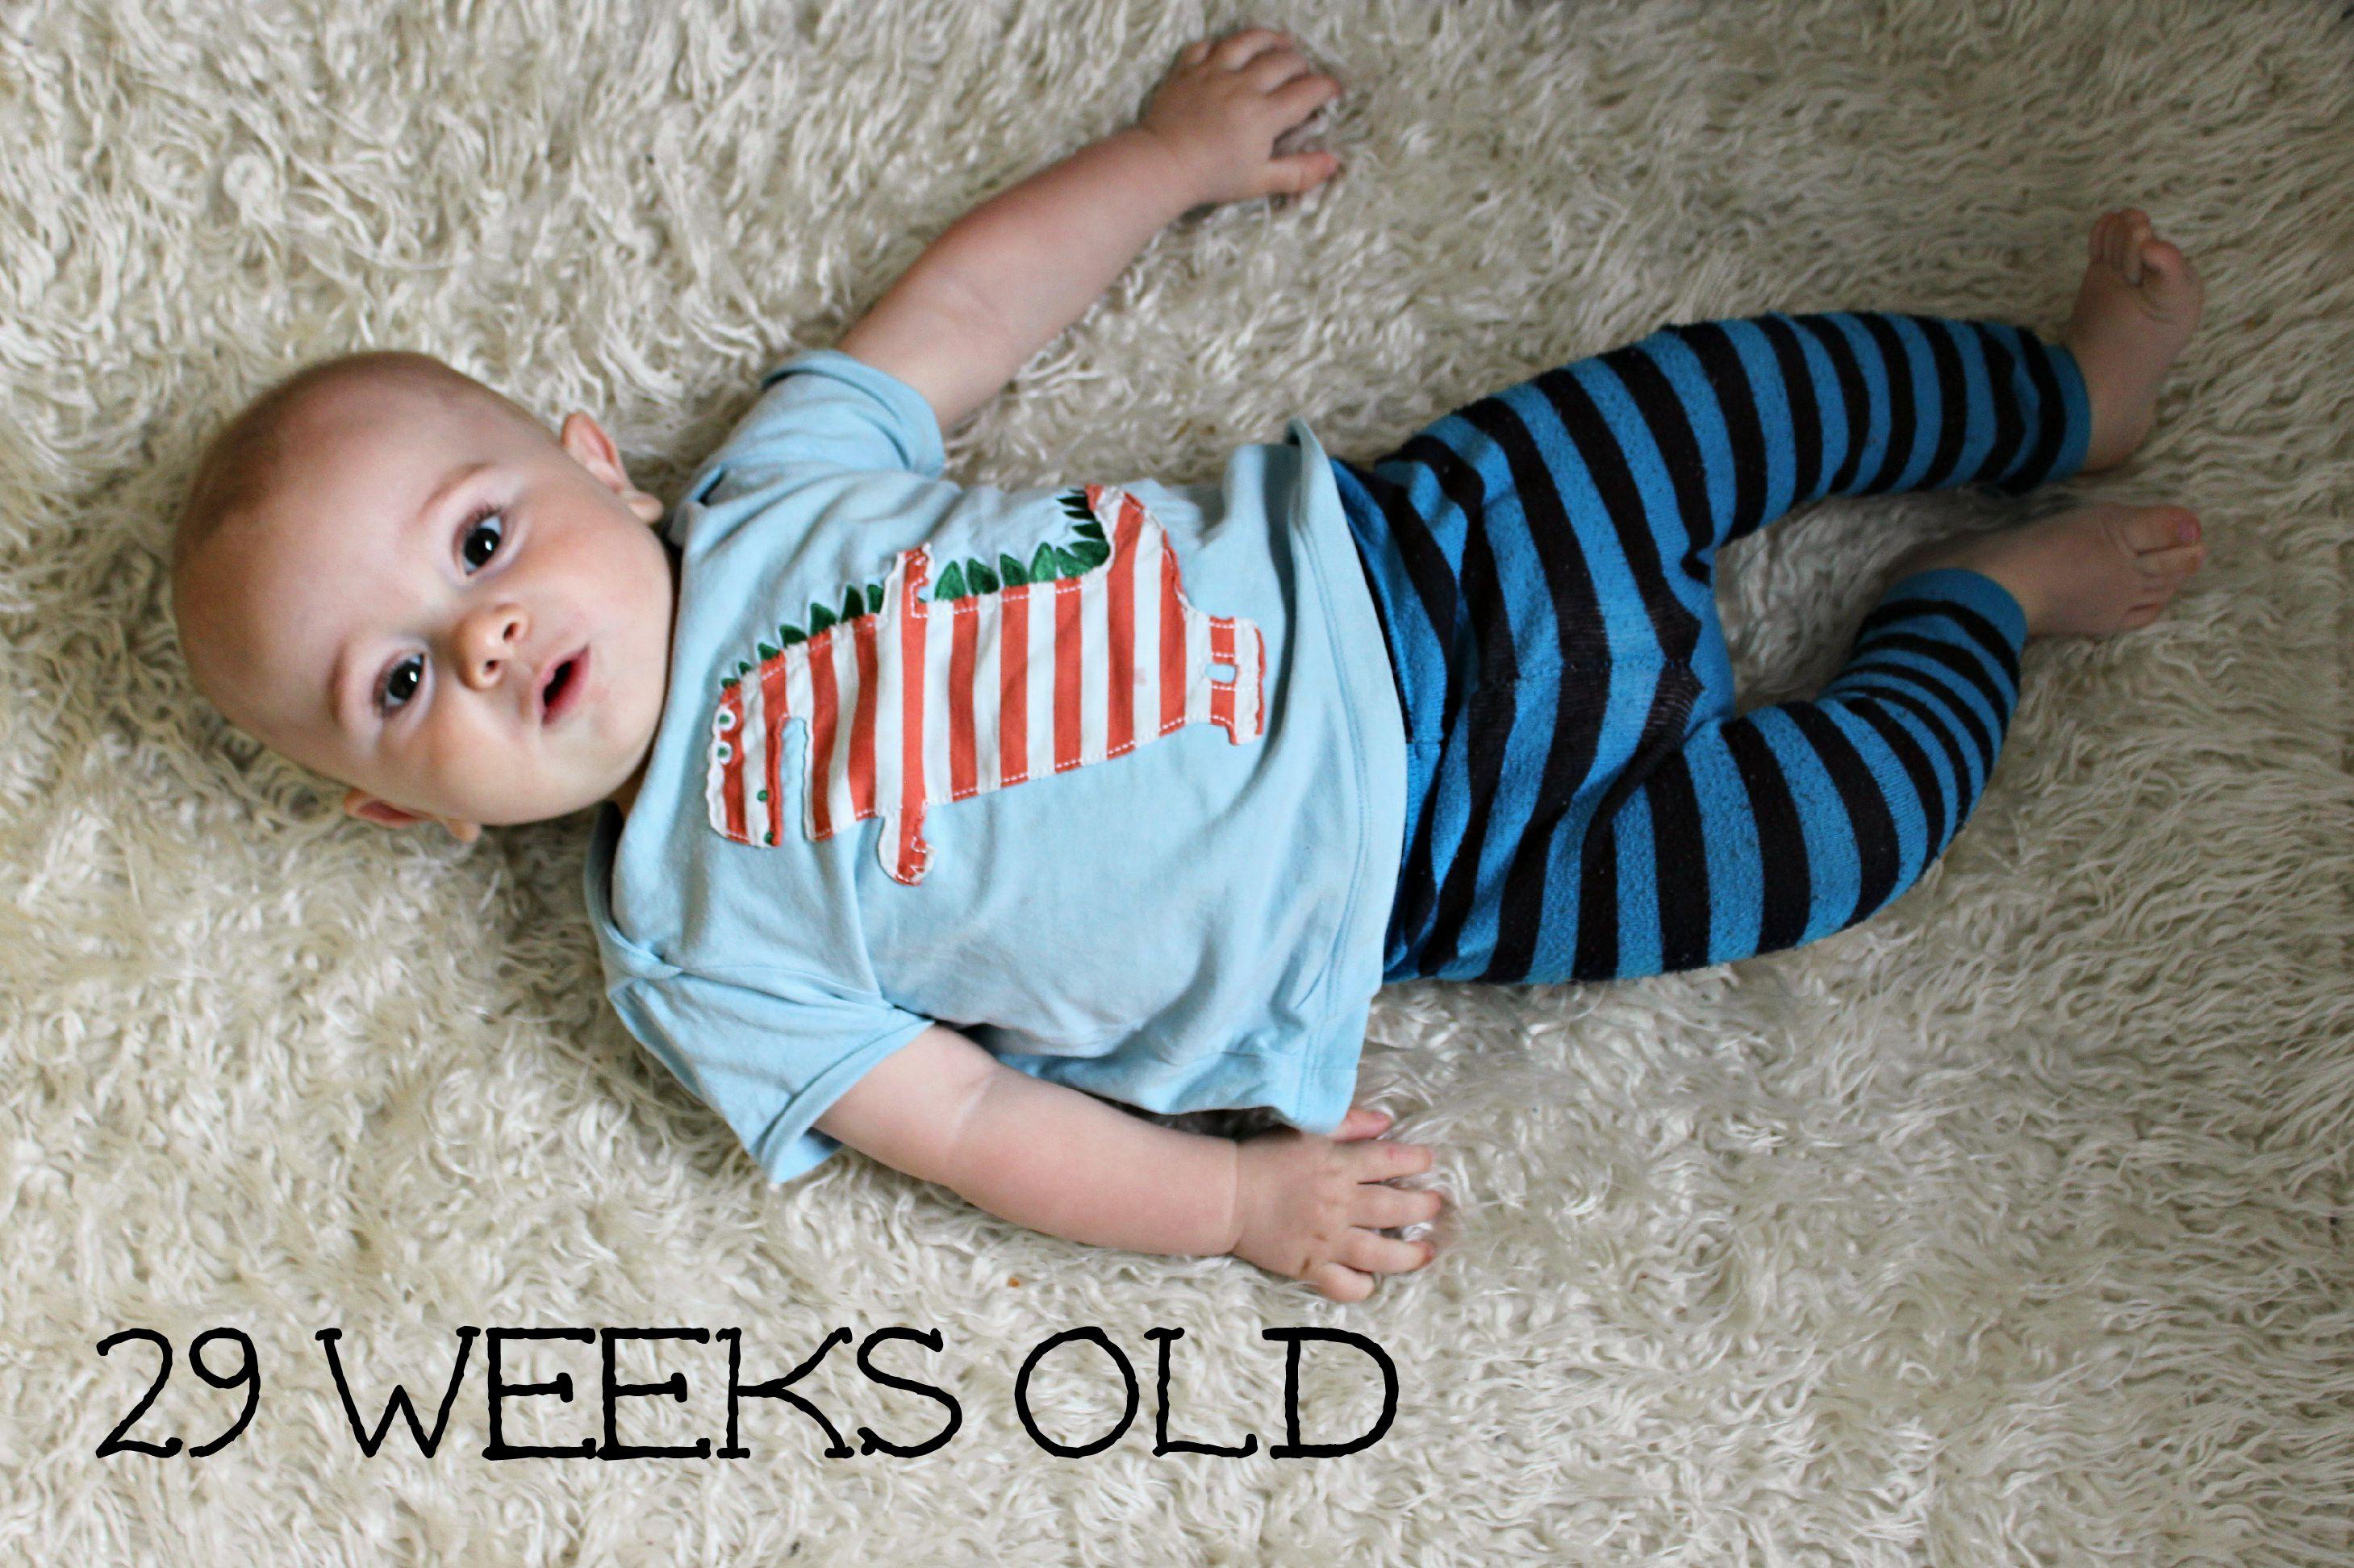 29 weeks old